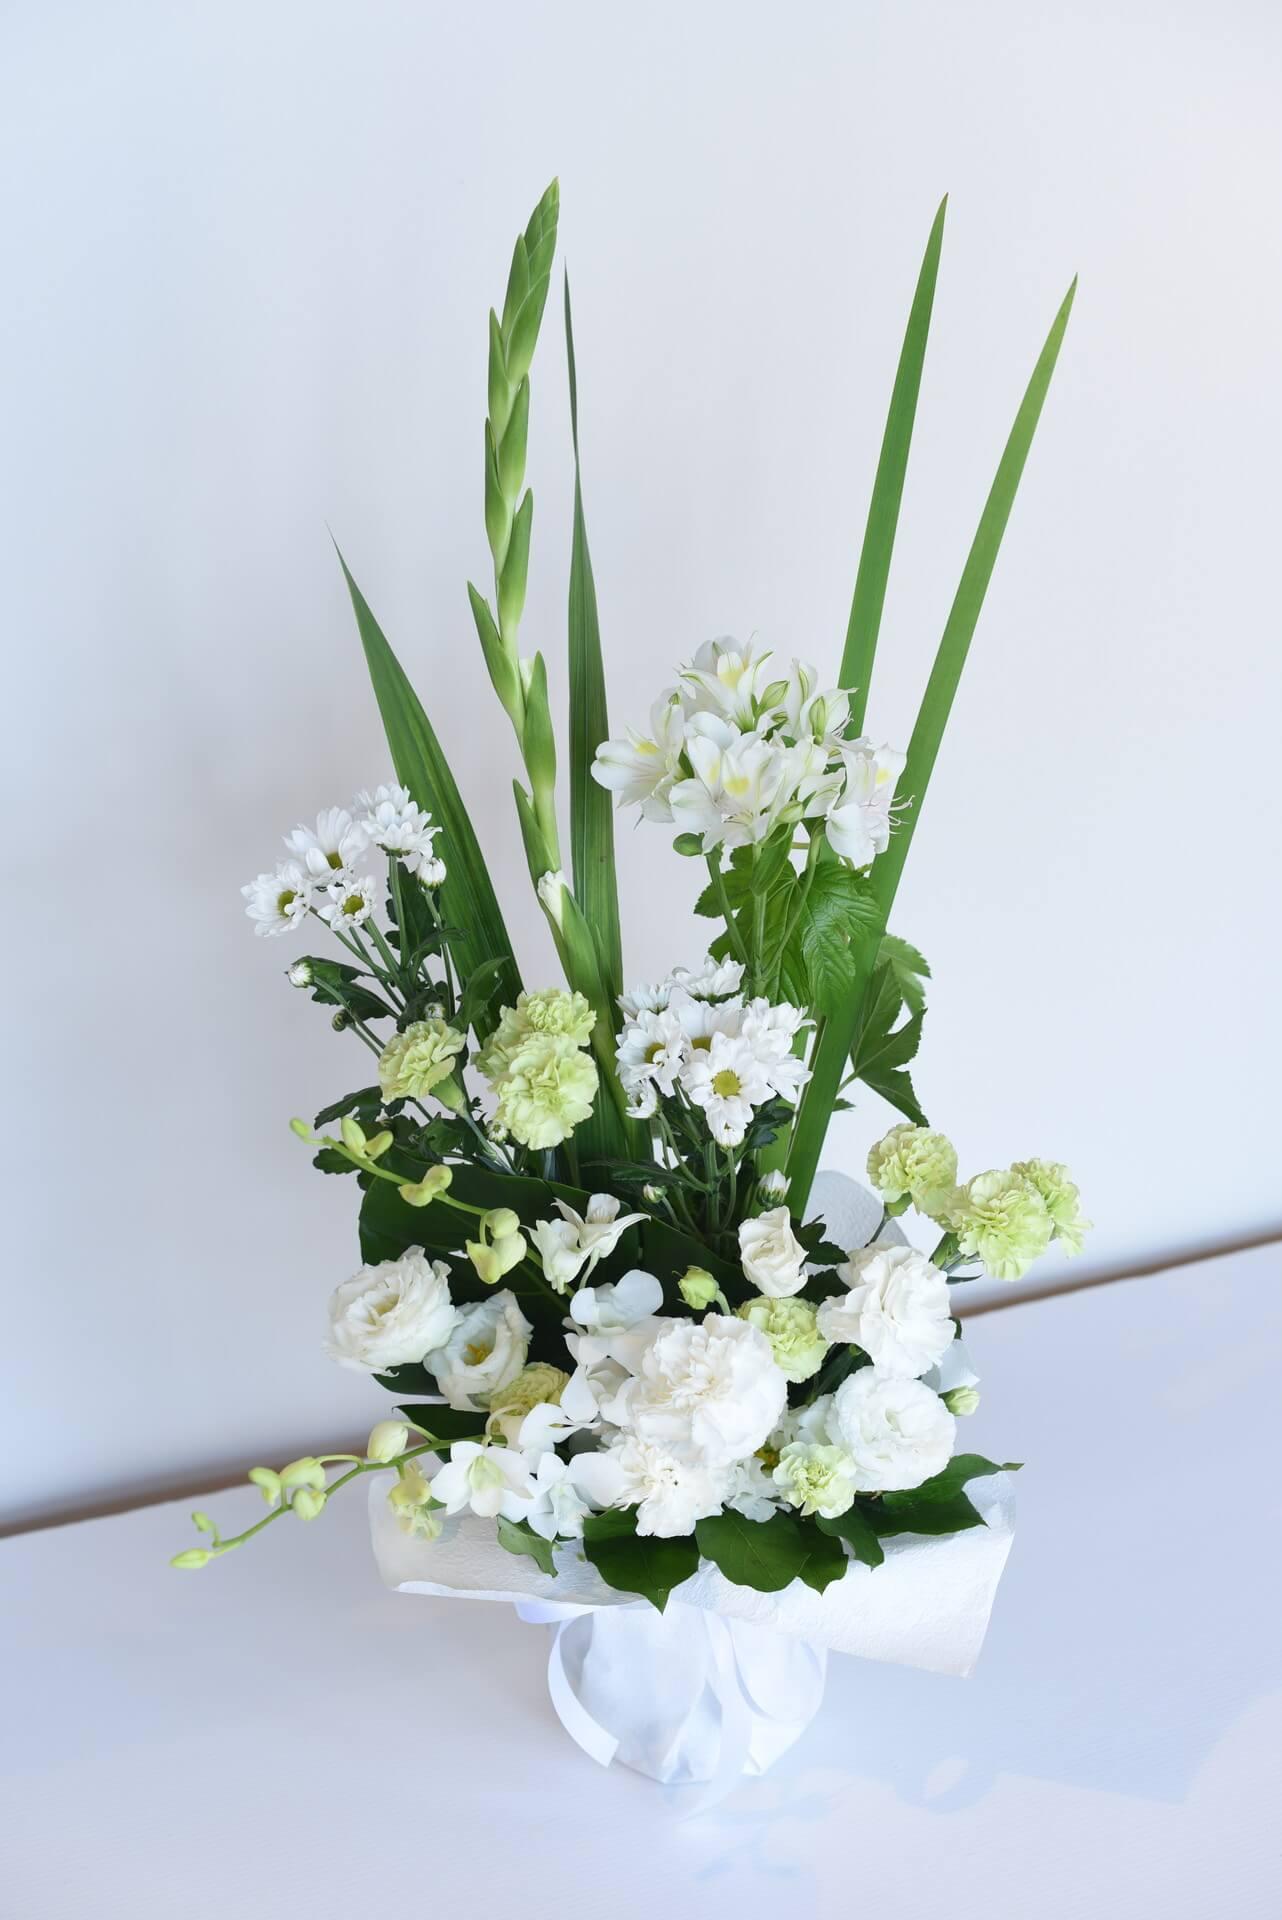 フューネラルフラワー(お悔やみのお花)